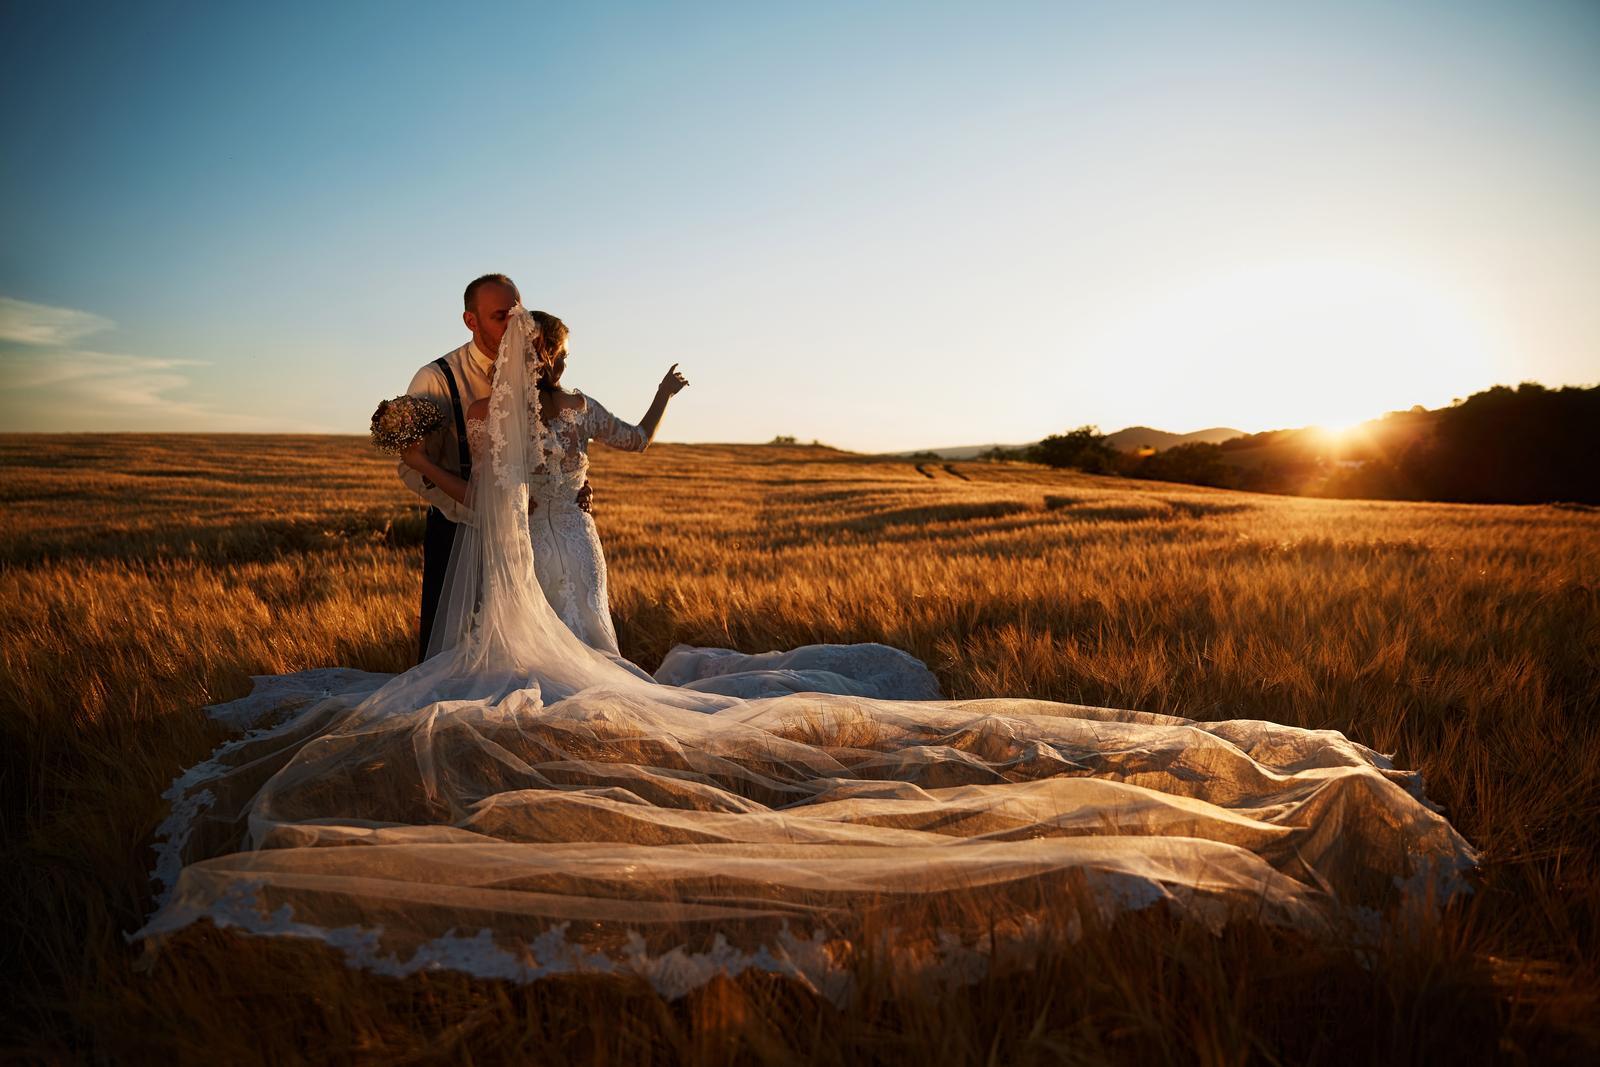 Ponúkam Luxusné svadobné fotografie, voľne termíny 2017, 2018 - Obrázok č. 2